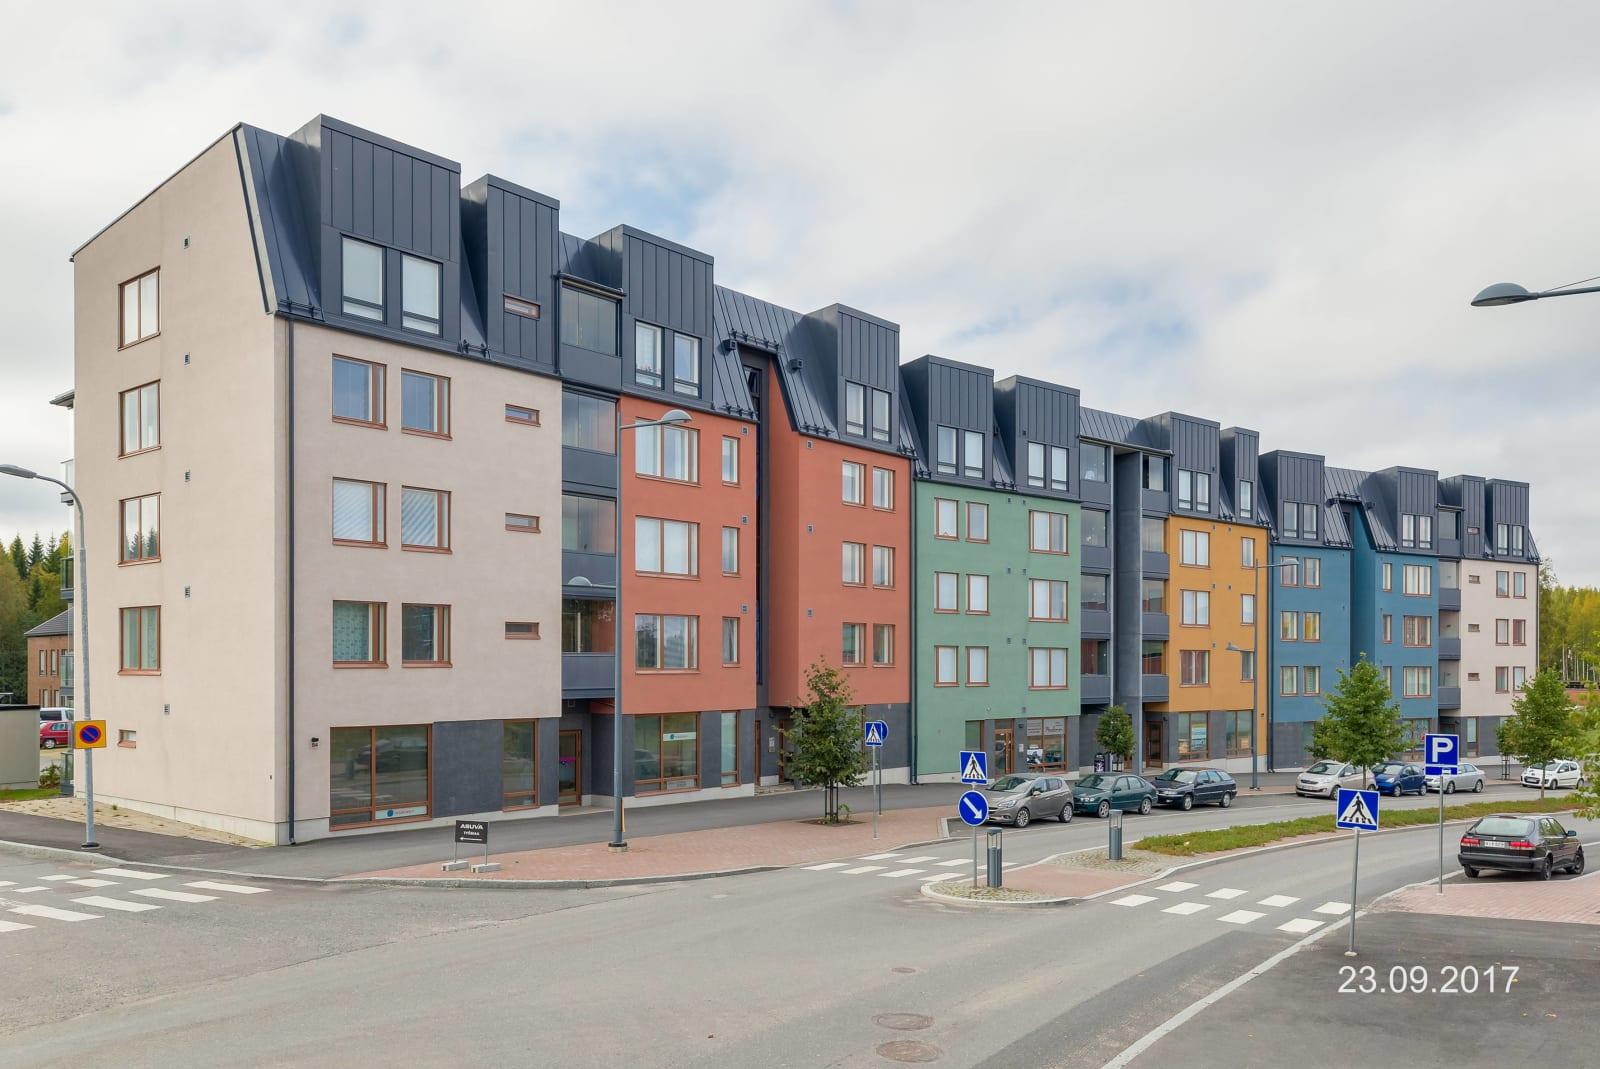 Tampere, Vuores, Vuoreksen puistokatu 92